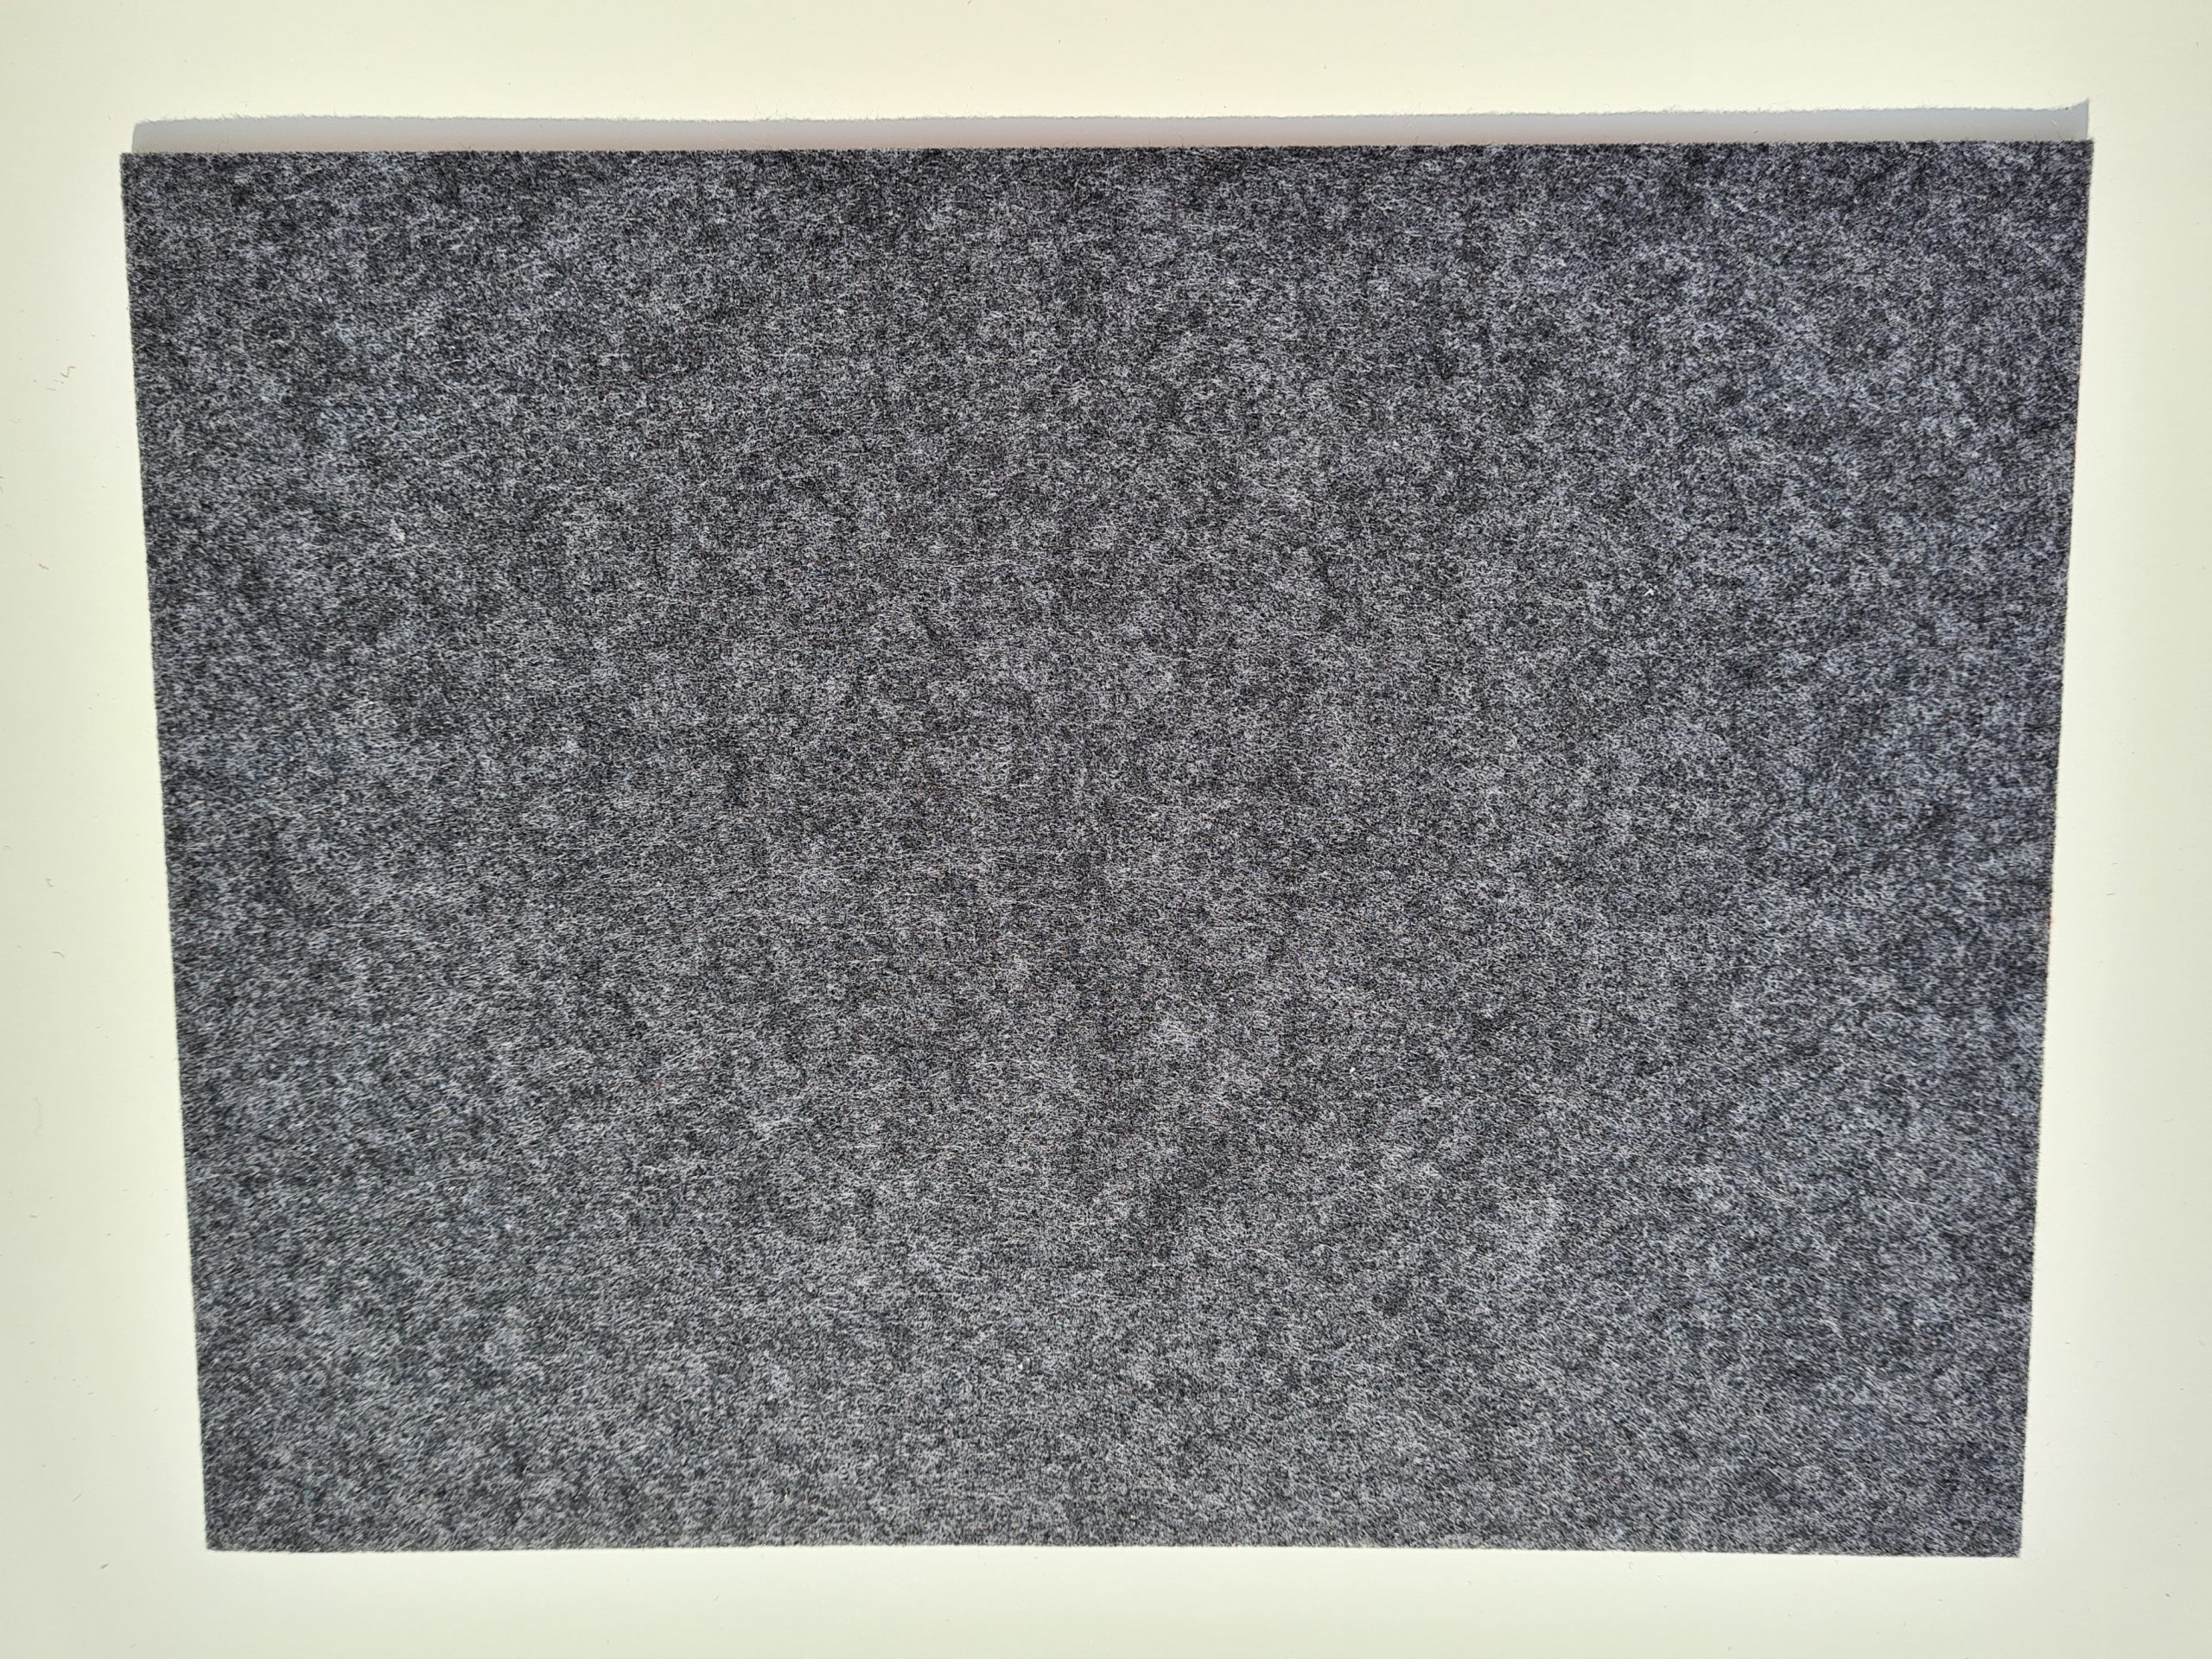 Schwarzer Filz-Untersetzter quadratisch - Handgemachte individualisierbare Taschen, Körbe, Tischsets, Dekoartikel und mehr auf fideko.de der Onlineshop seit 2011